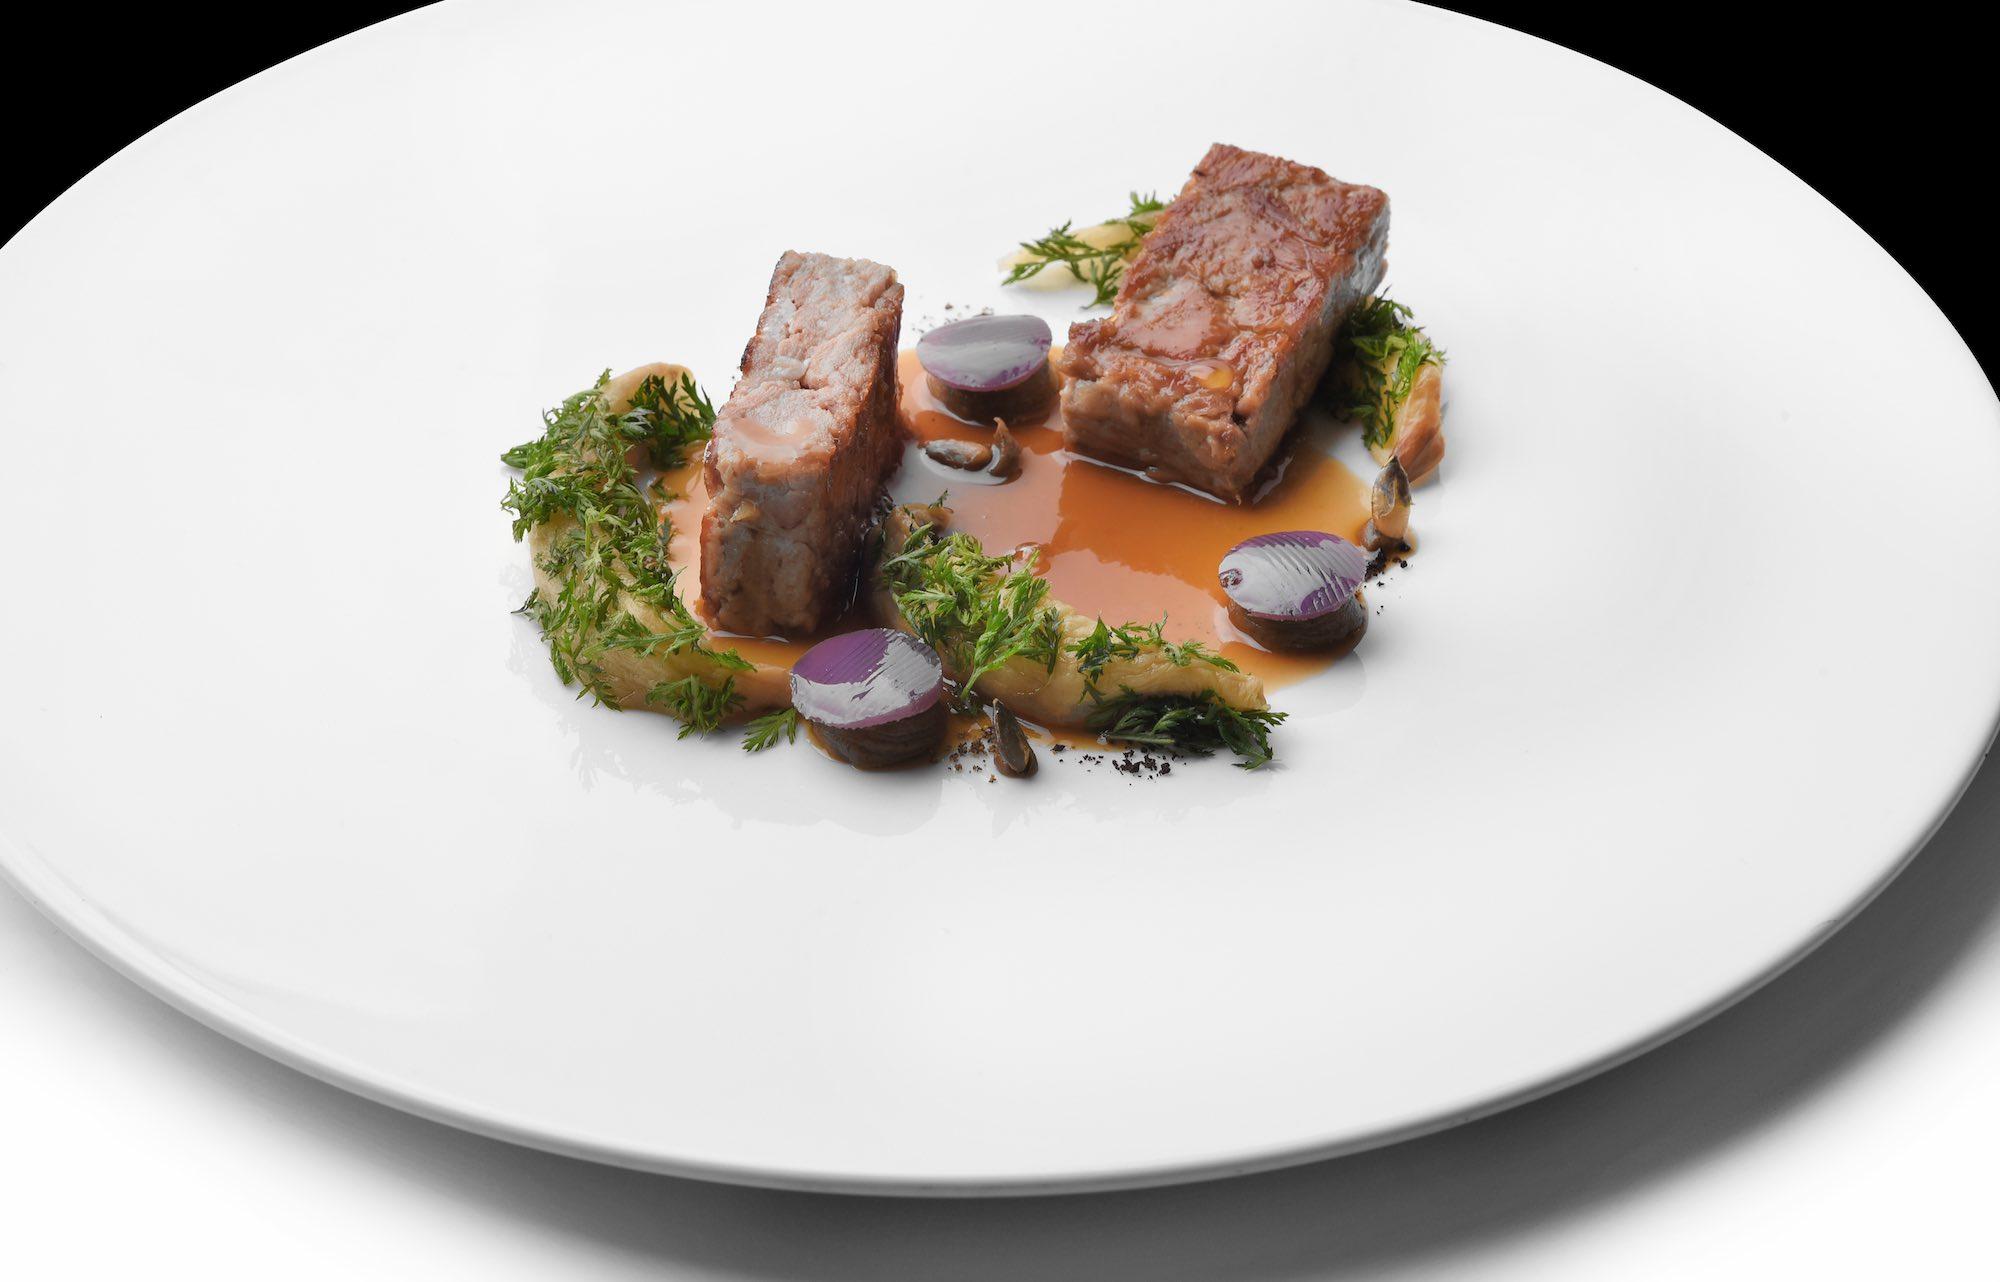 Agnello, piatto dell'Executive Chef Andrea Mattei dei ristoranti della Famiglia Vaiani